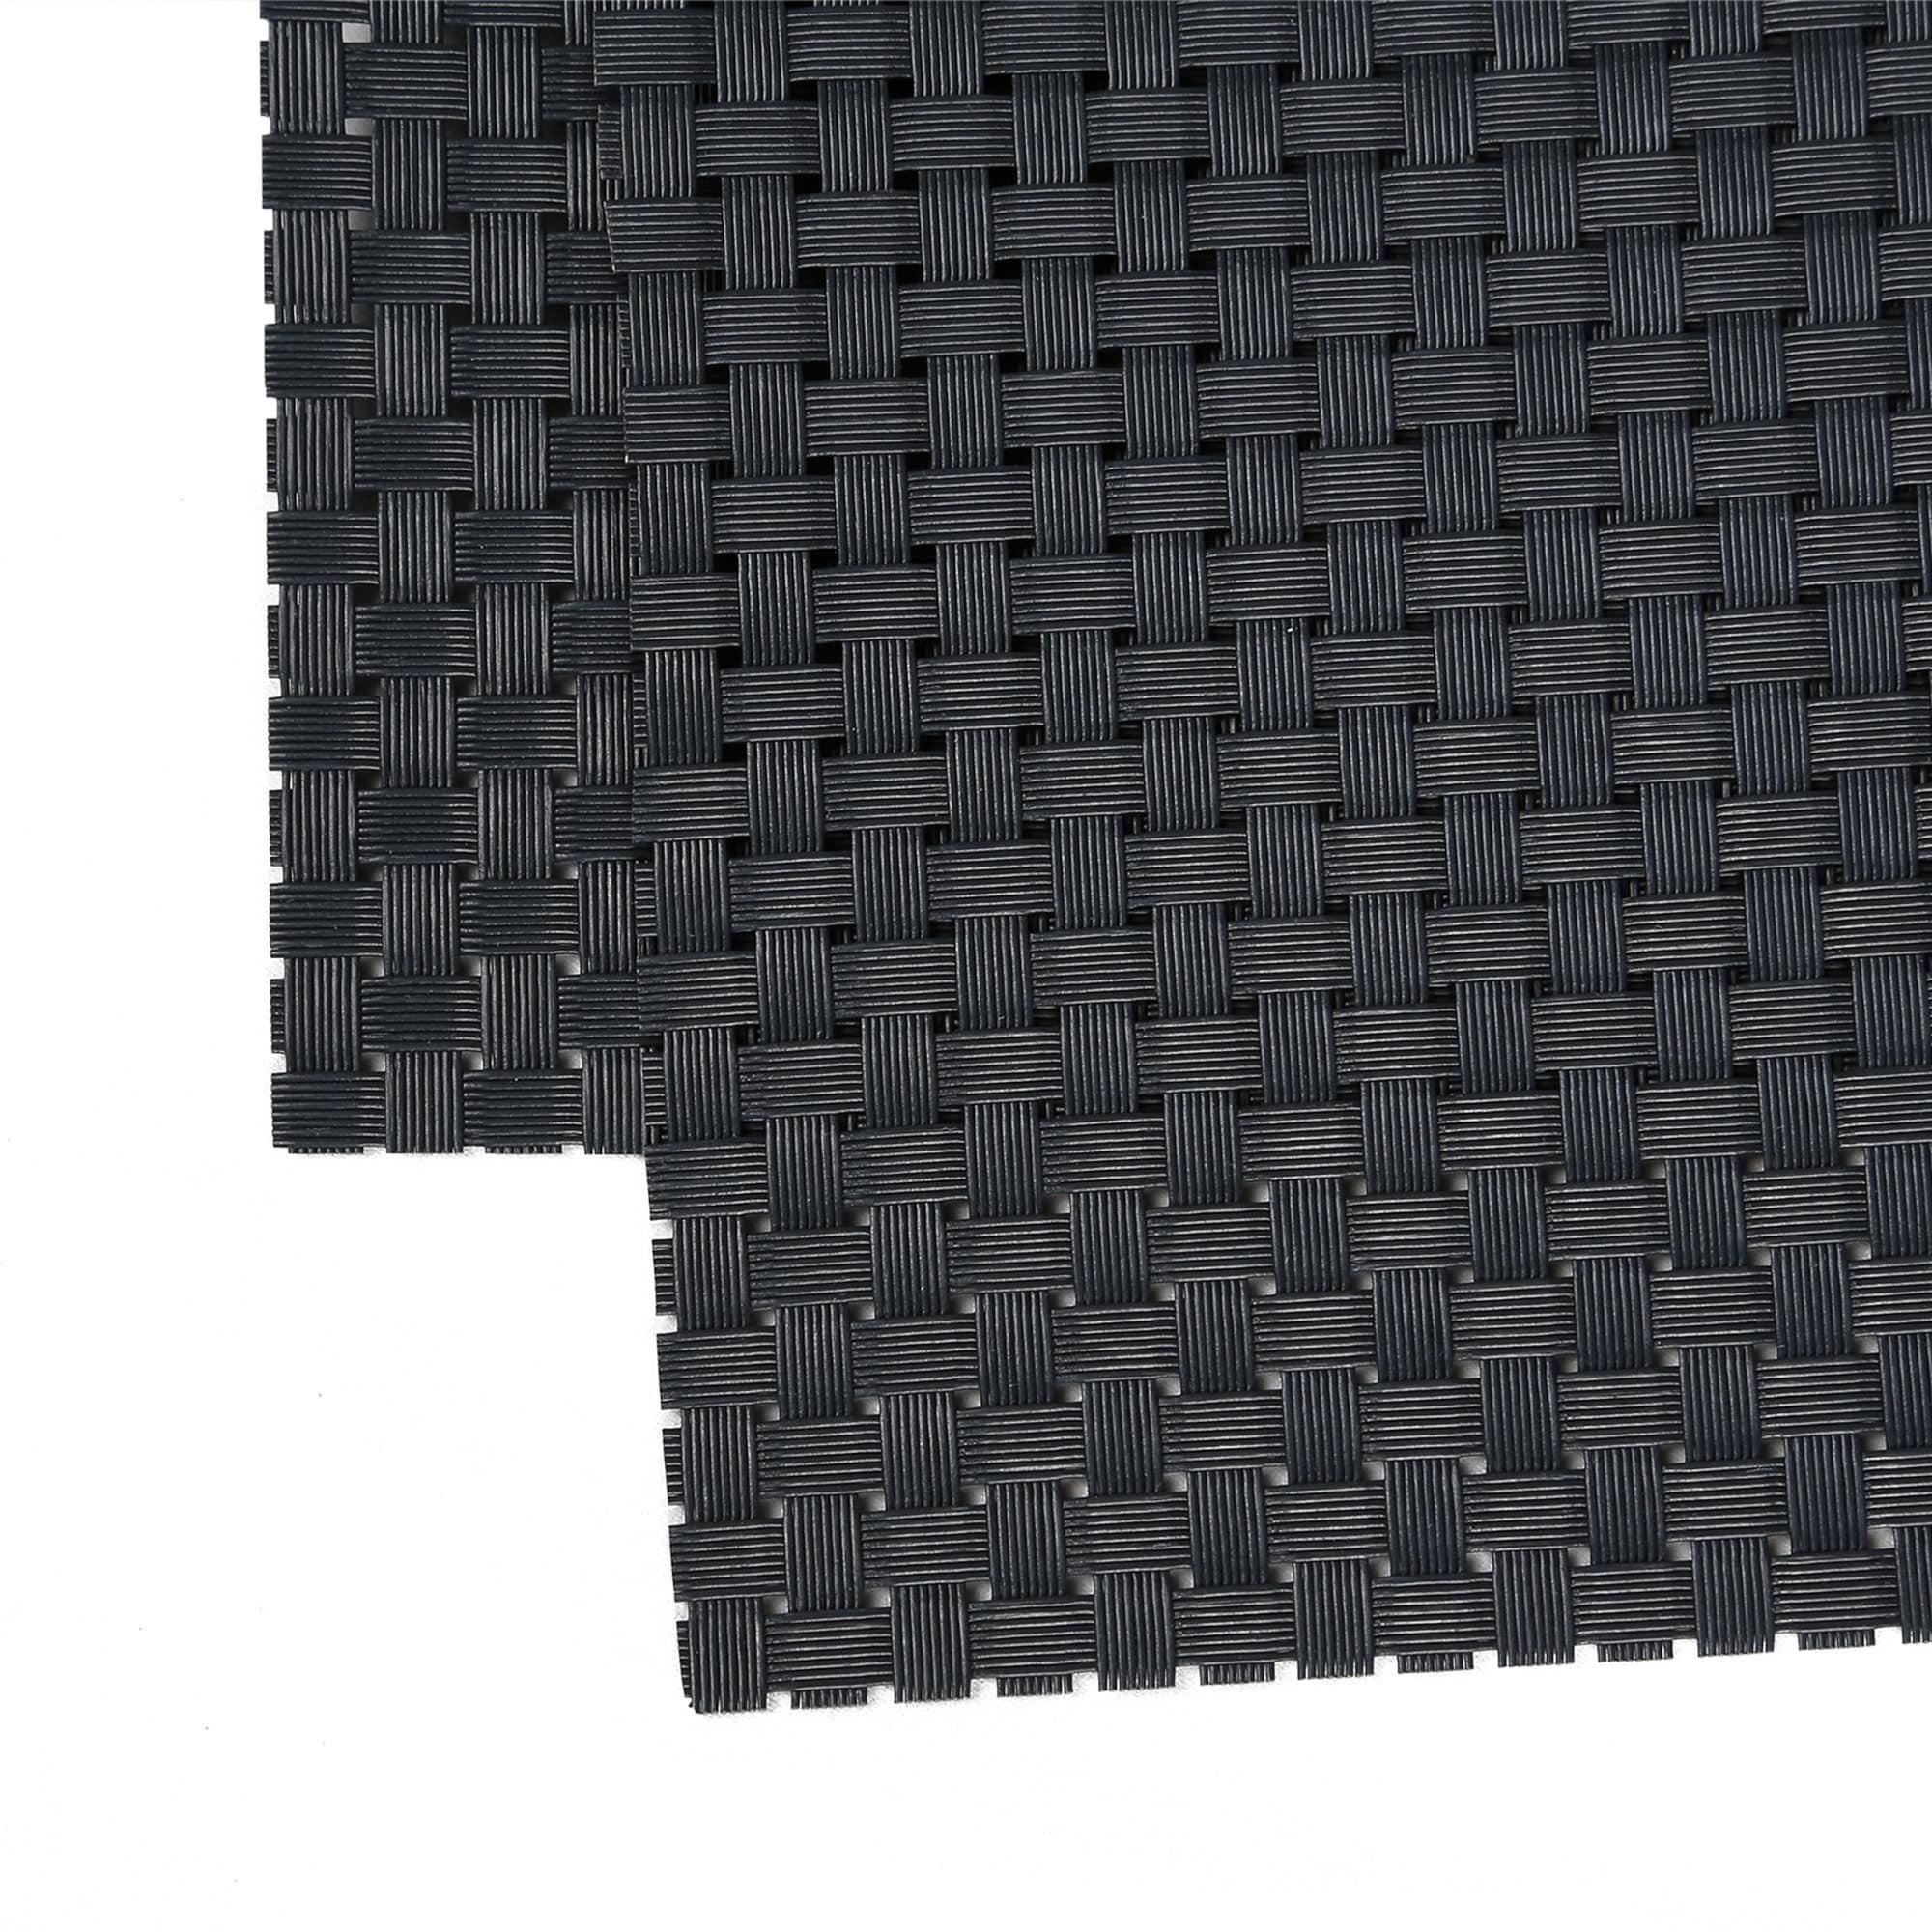 rattan sichtschutzstreifen sichtschutz zaunfolie sichtschutzrolle stabmattenzaun ebay. Black Bedroom Furniture Sets. Home Design Ideas